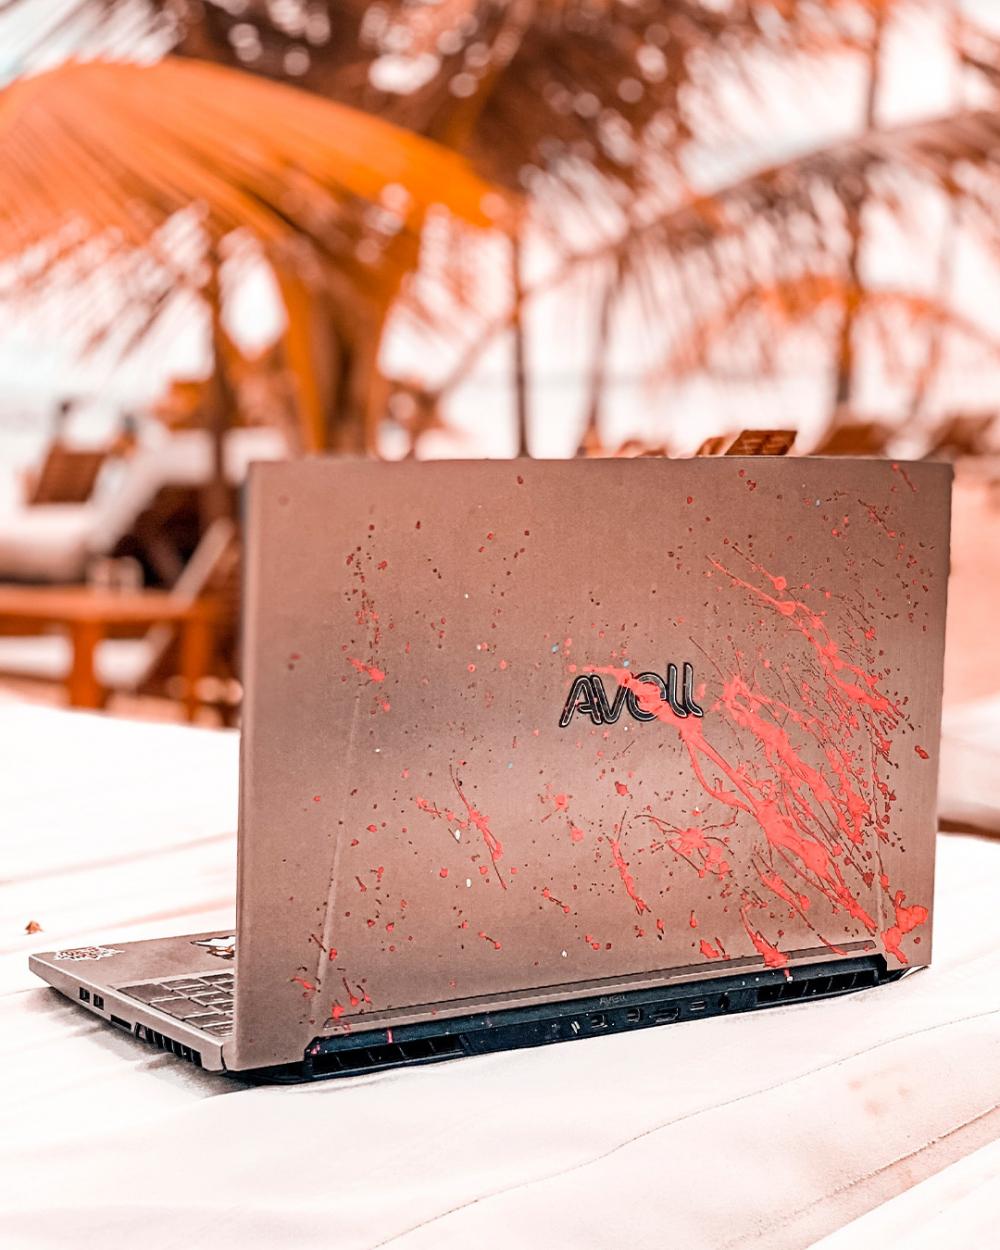 Fabricante de computadores Avell adota SAP Business One com a Ramo Sistemas